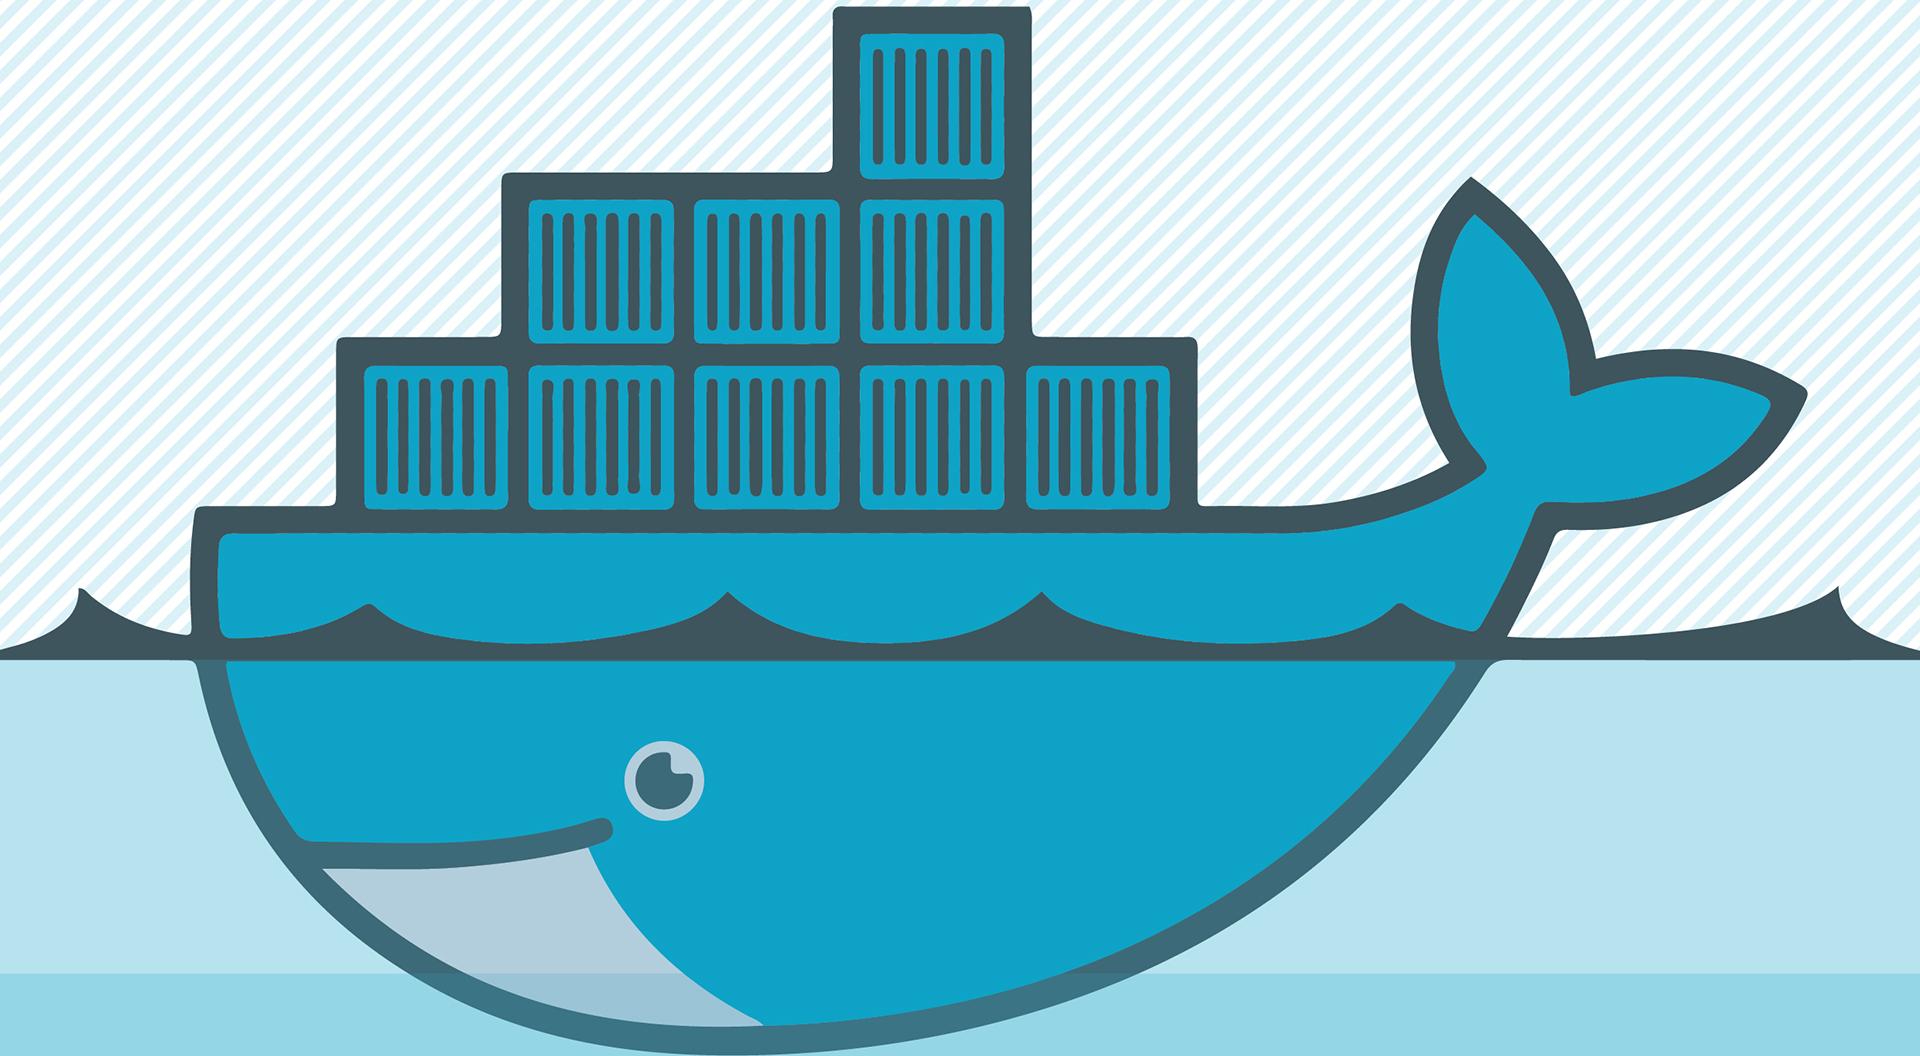 Что такое Docker, и как его использовать? Подробно рассказываем